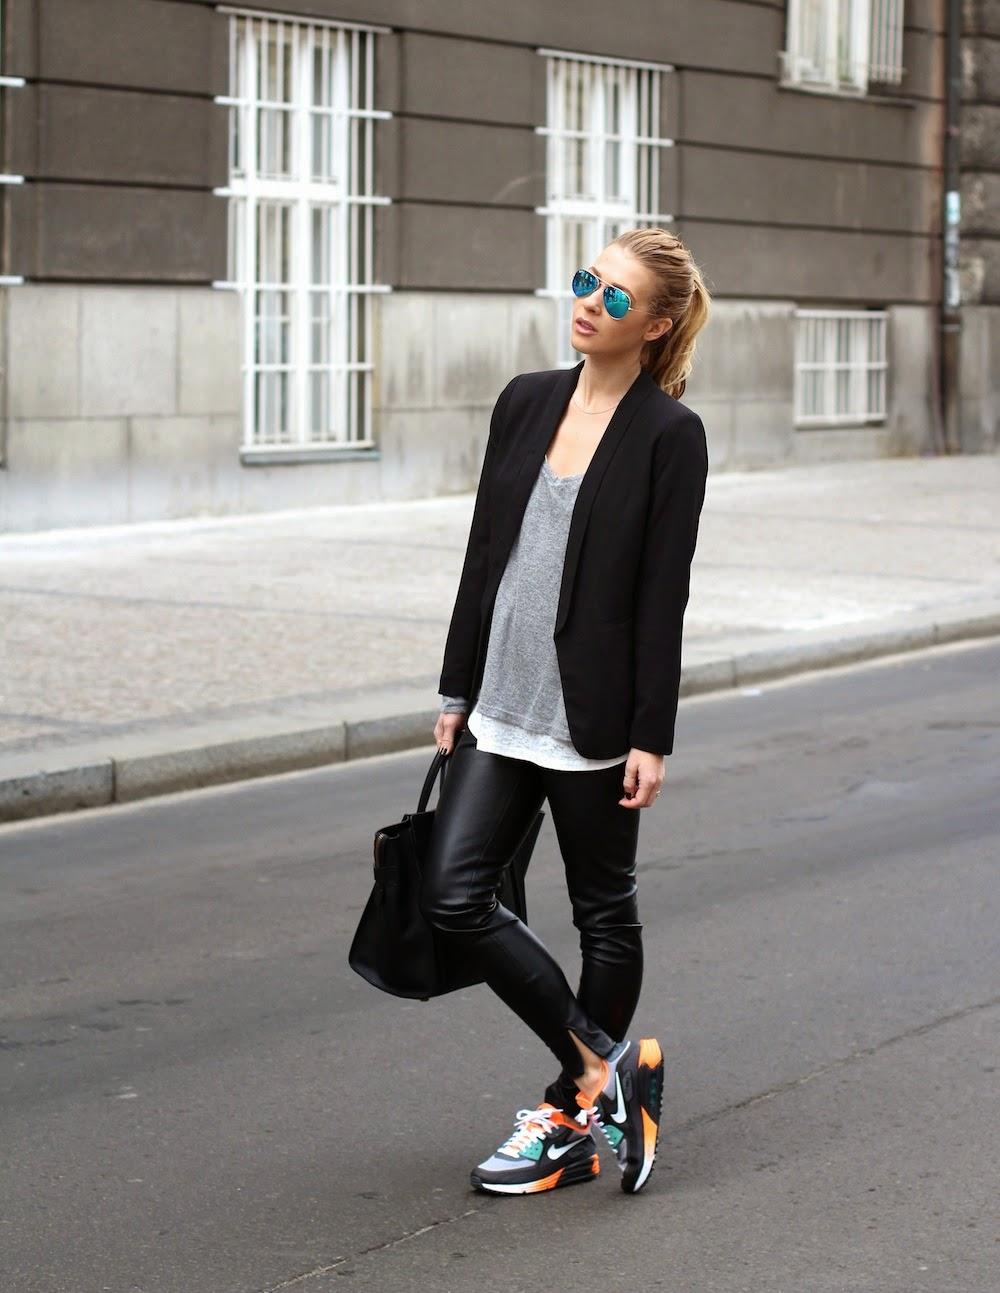 Cómo Vestir con Pantalones de Cuero